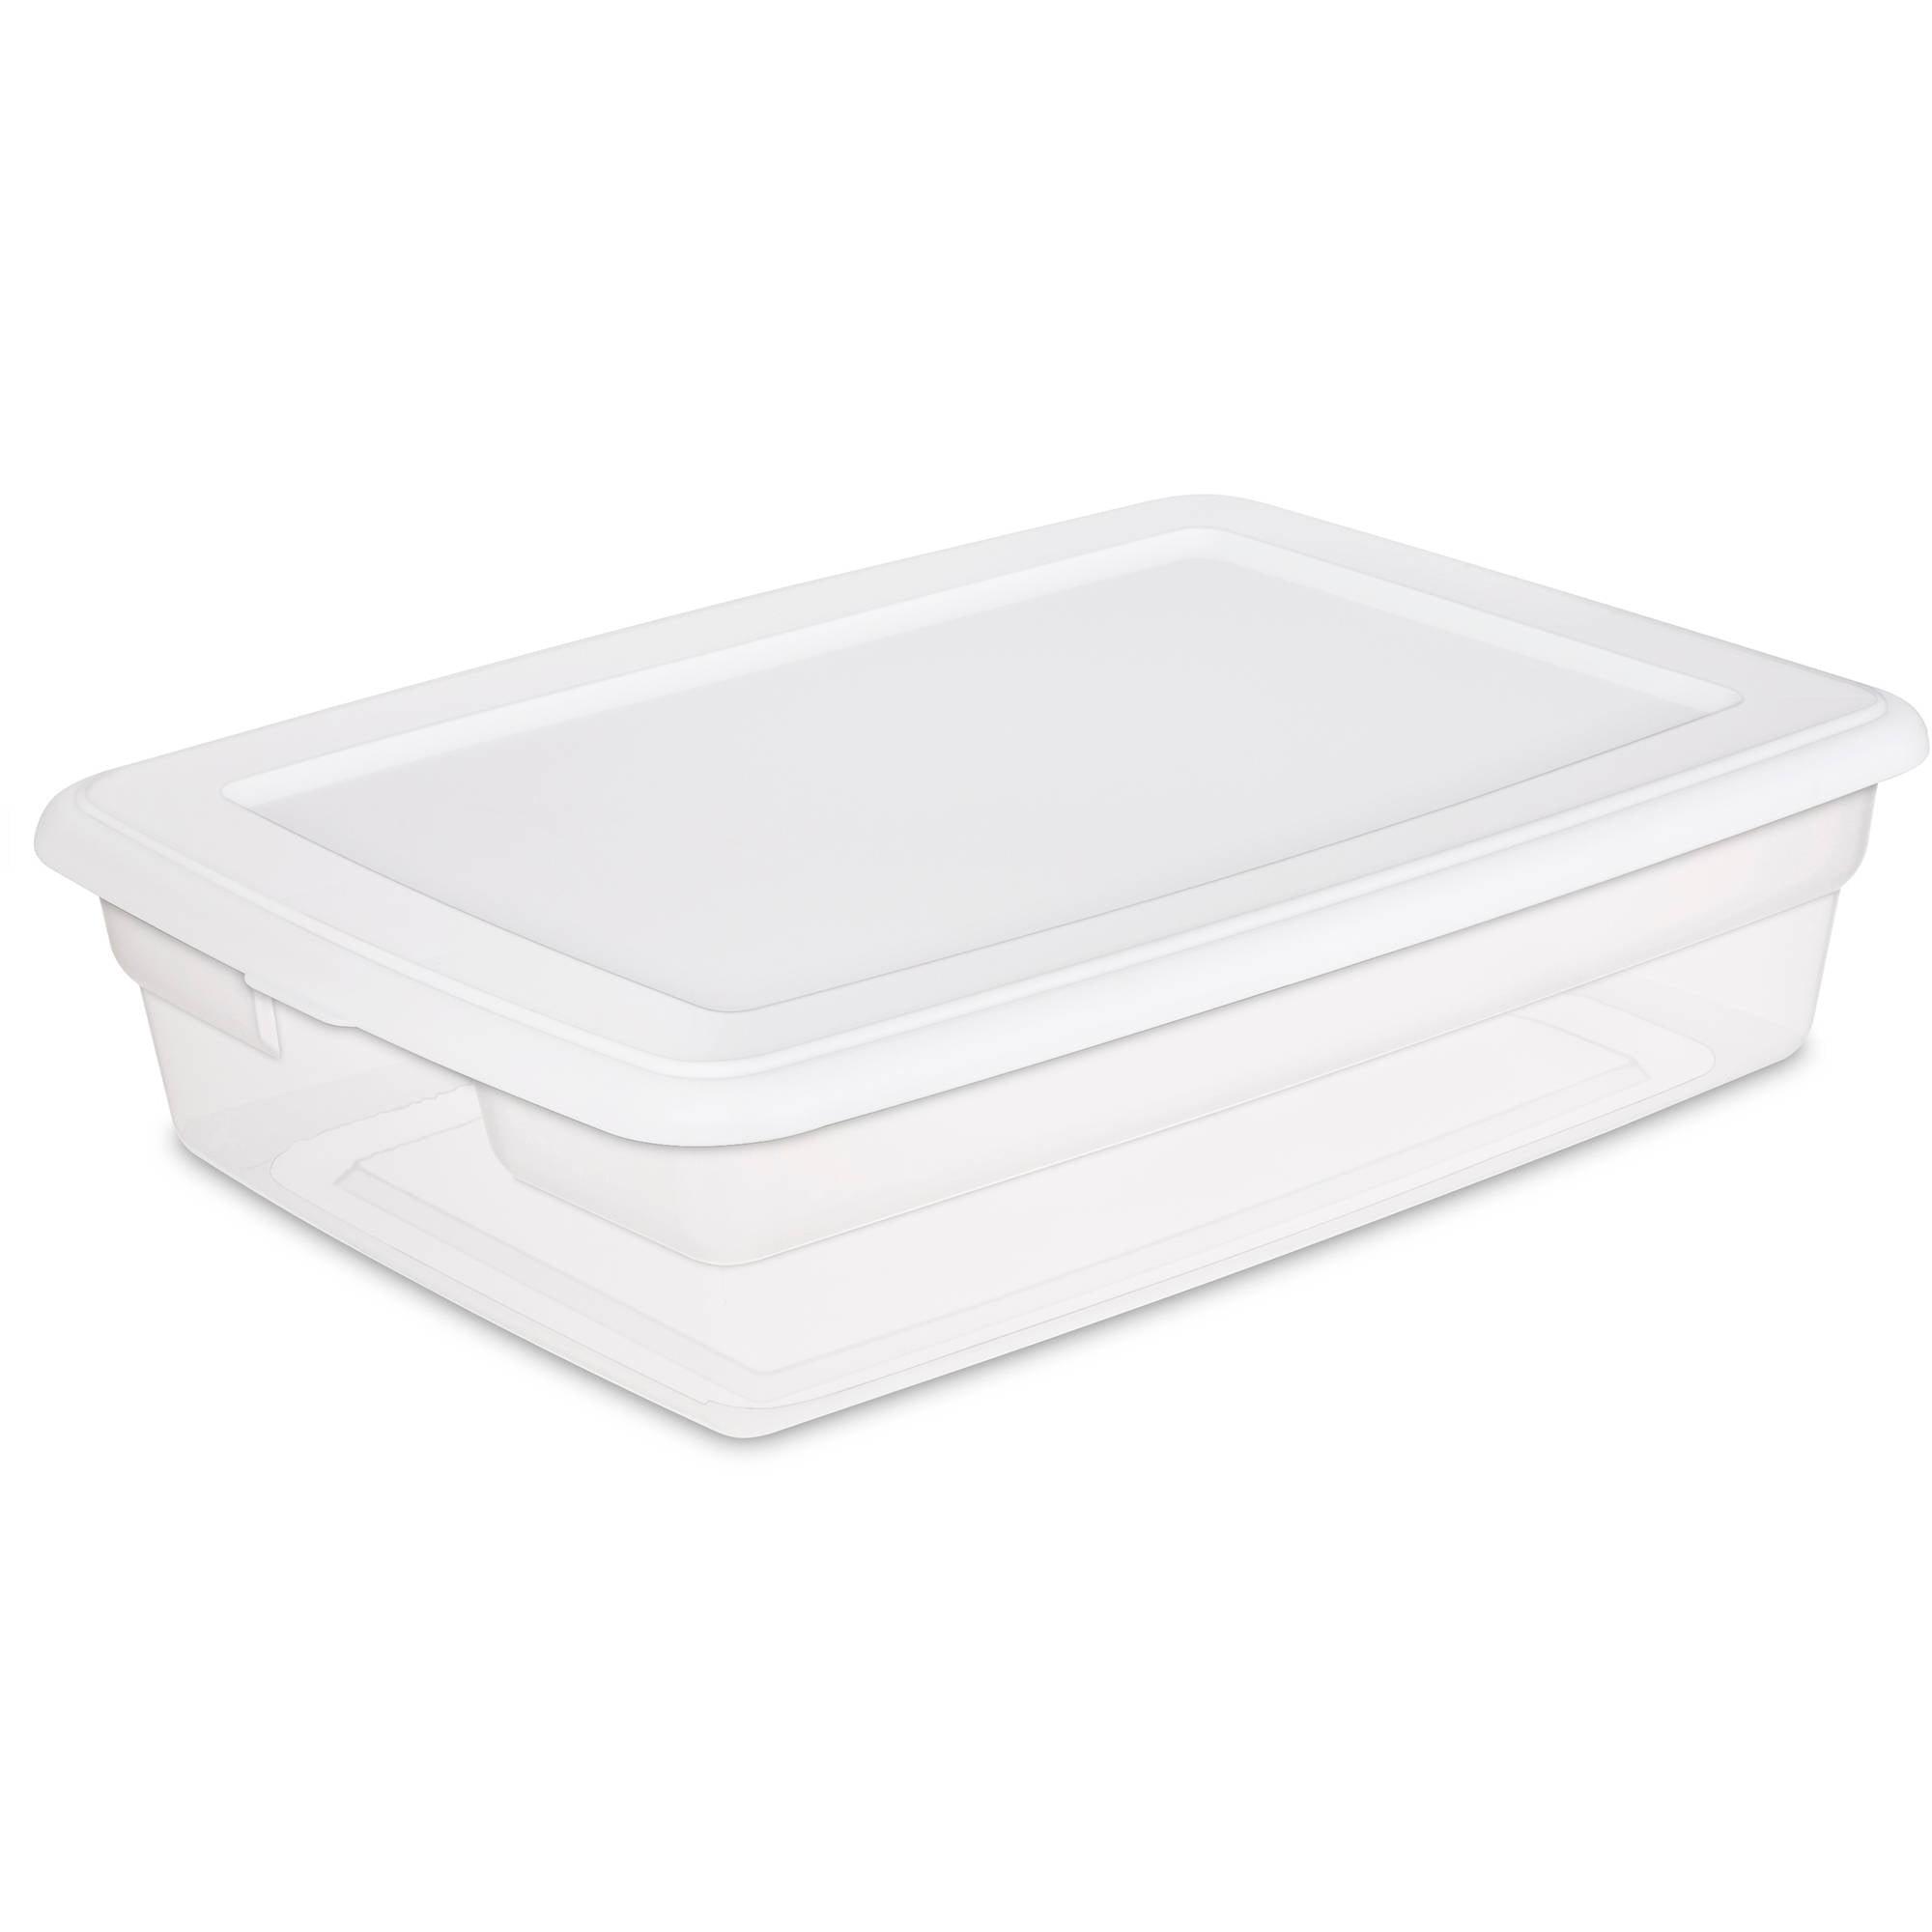 Sterilite 28-Quart Storage Box